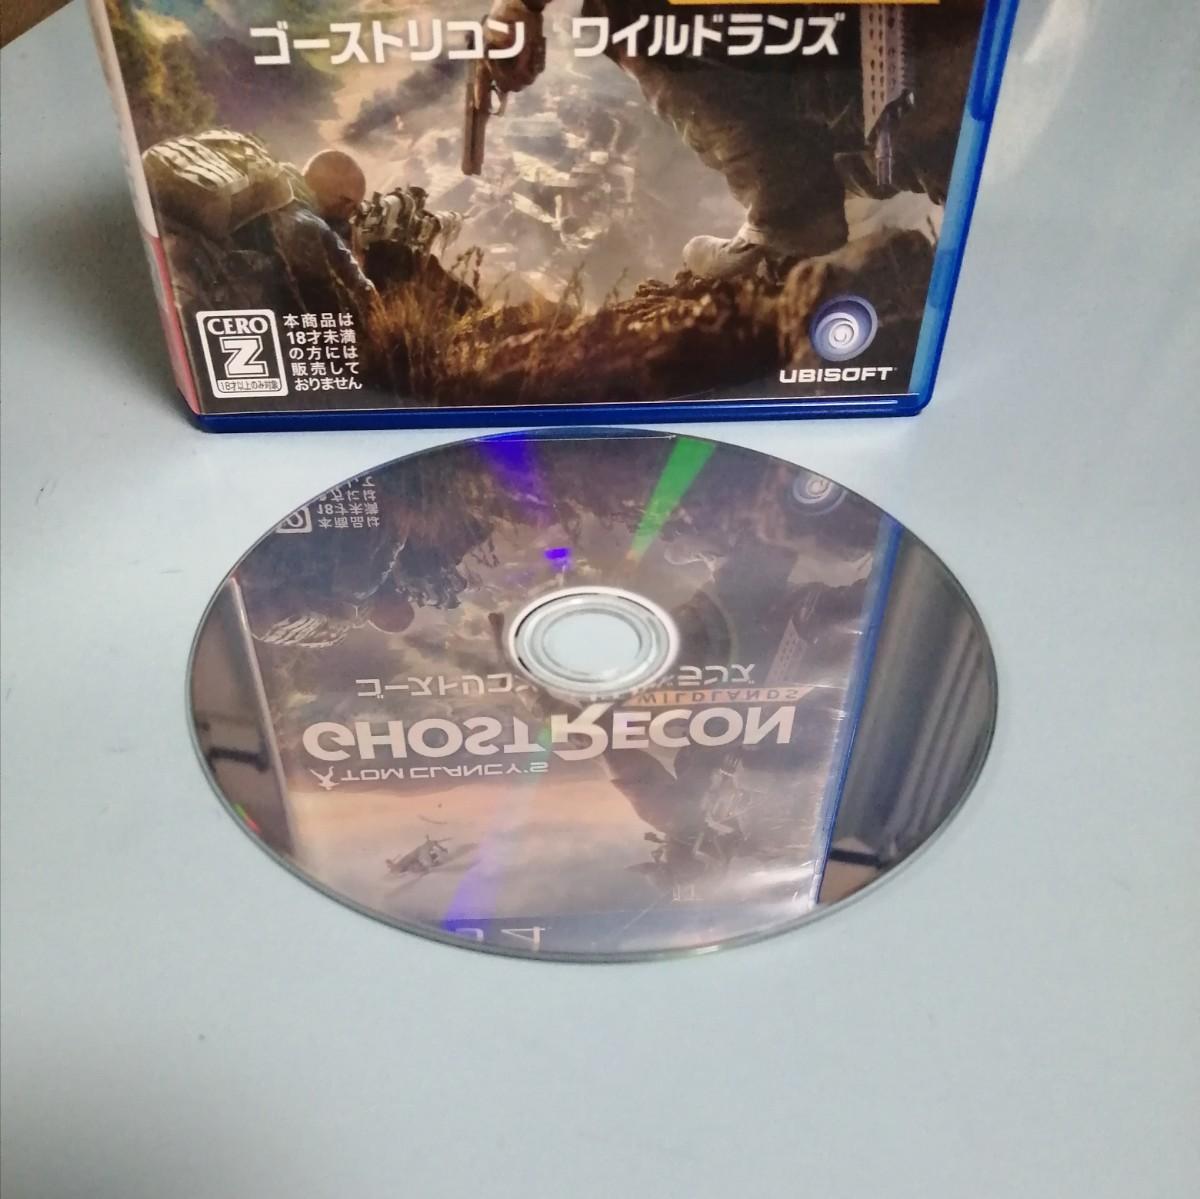 【PS4】 ゴーストリコン ワイルドランズ [通常版]